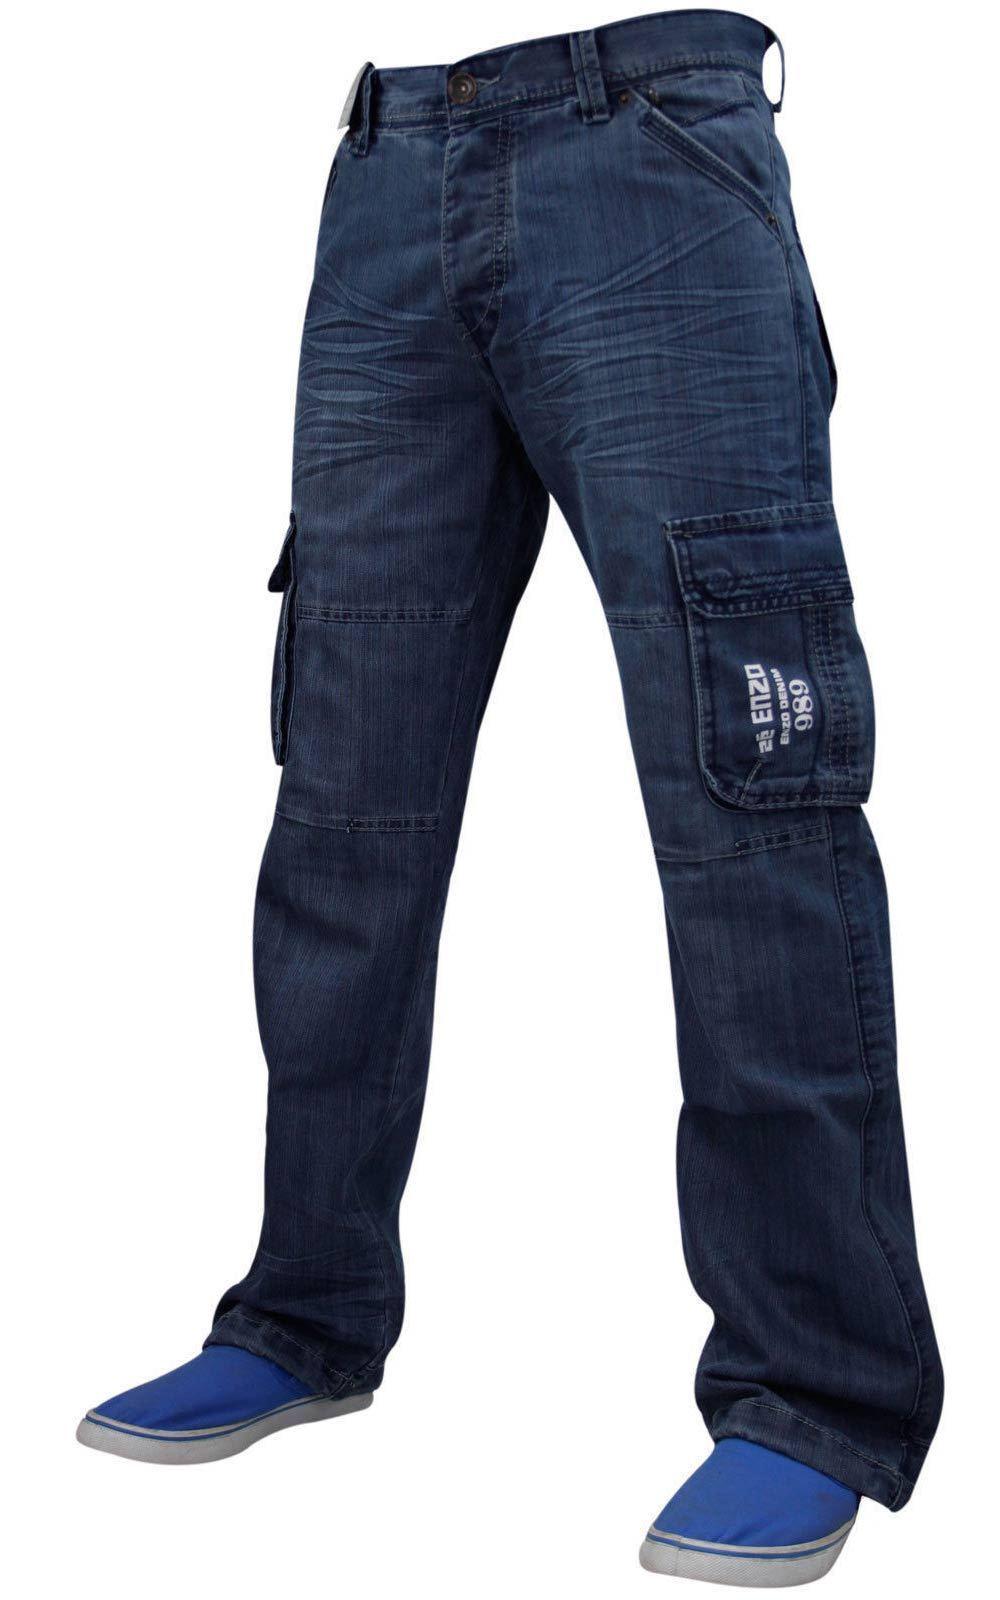 aabd2795634 Nuevo Enzo hombres combate carga pantalones de mezclilla moda tallas 28 a  50 Jeans